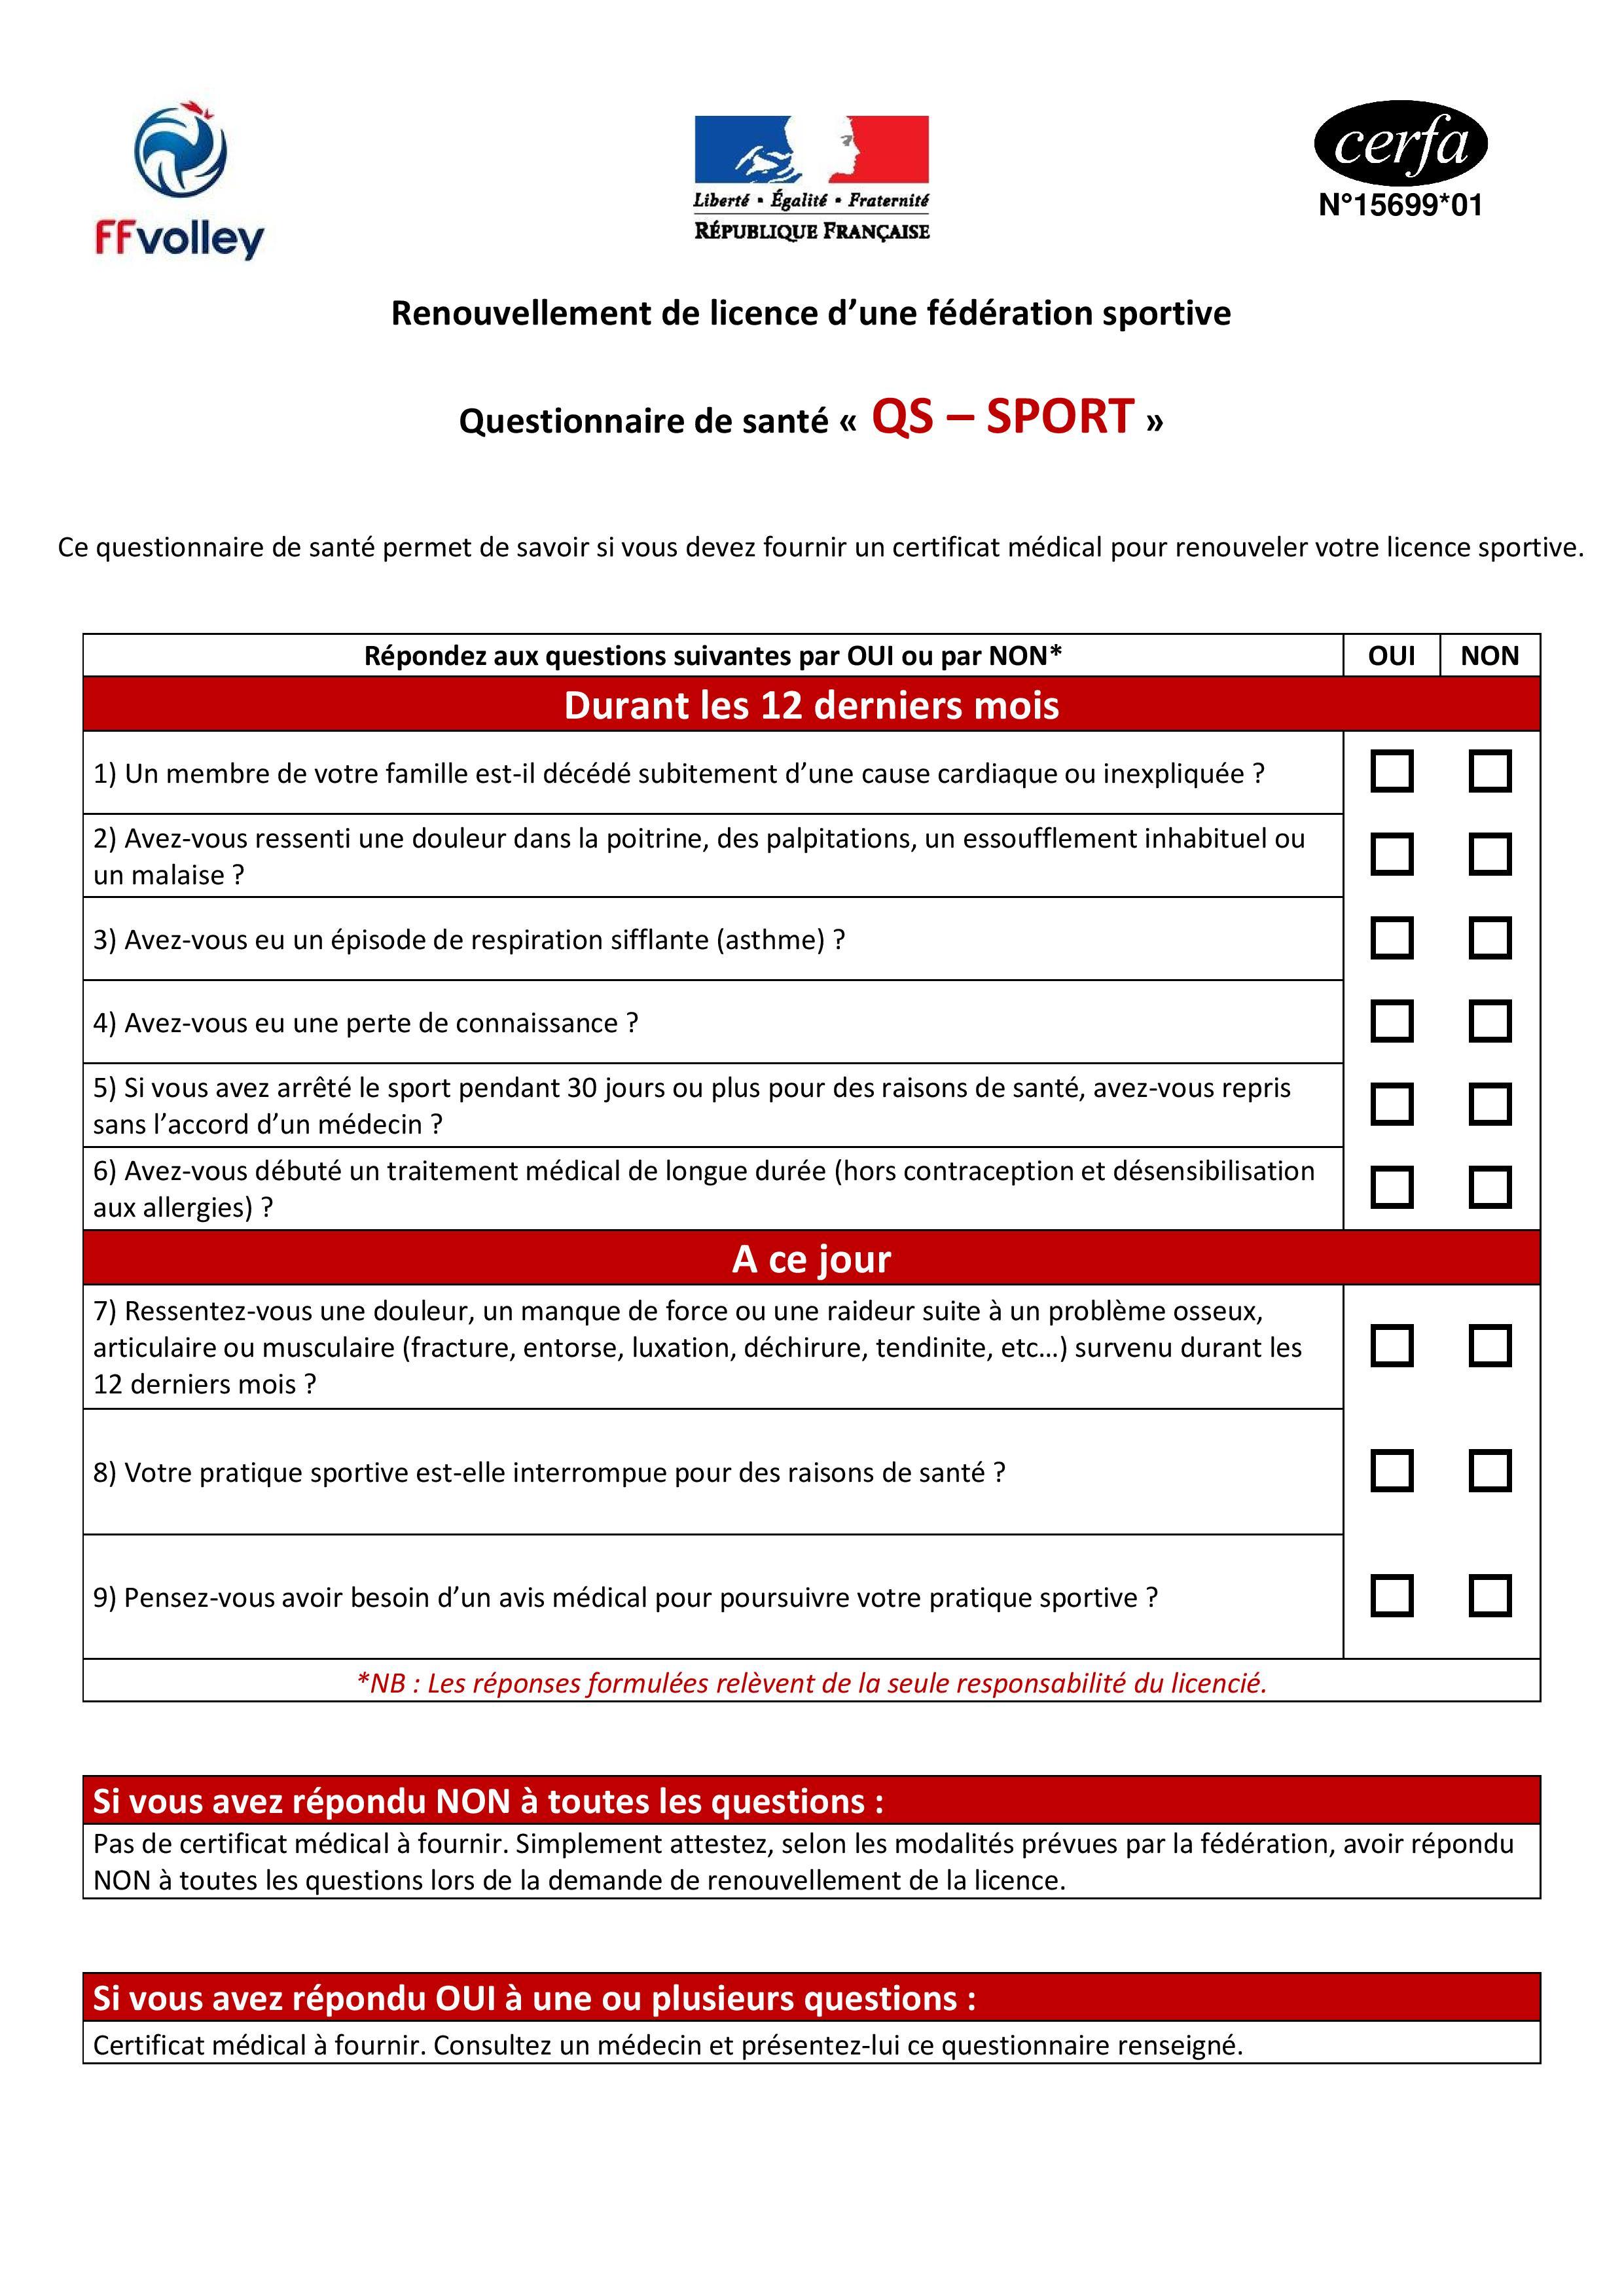 Questionnaire de santé FFVB